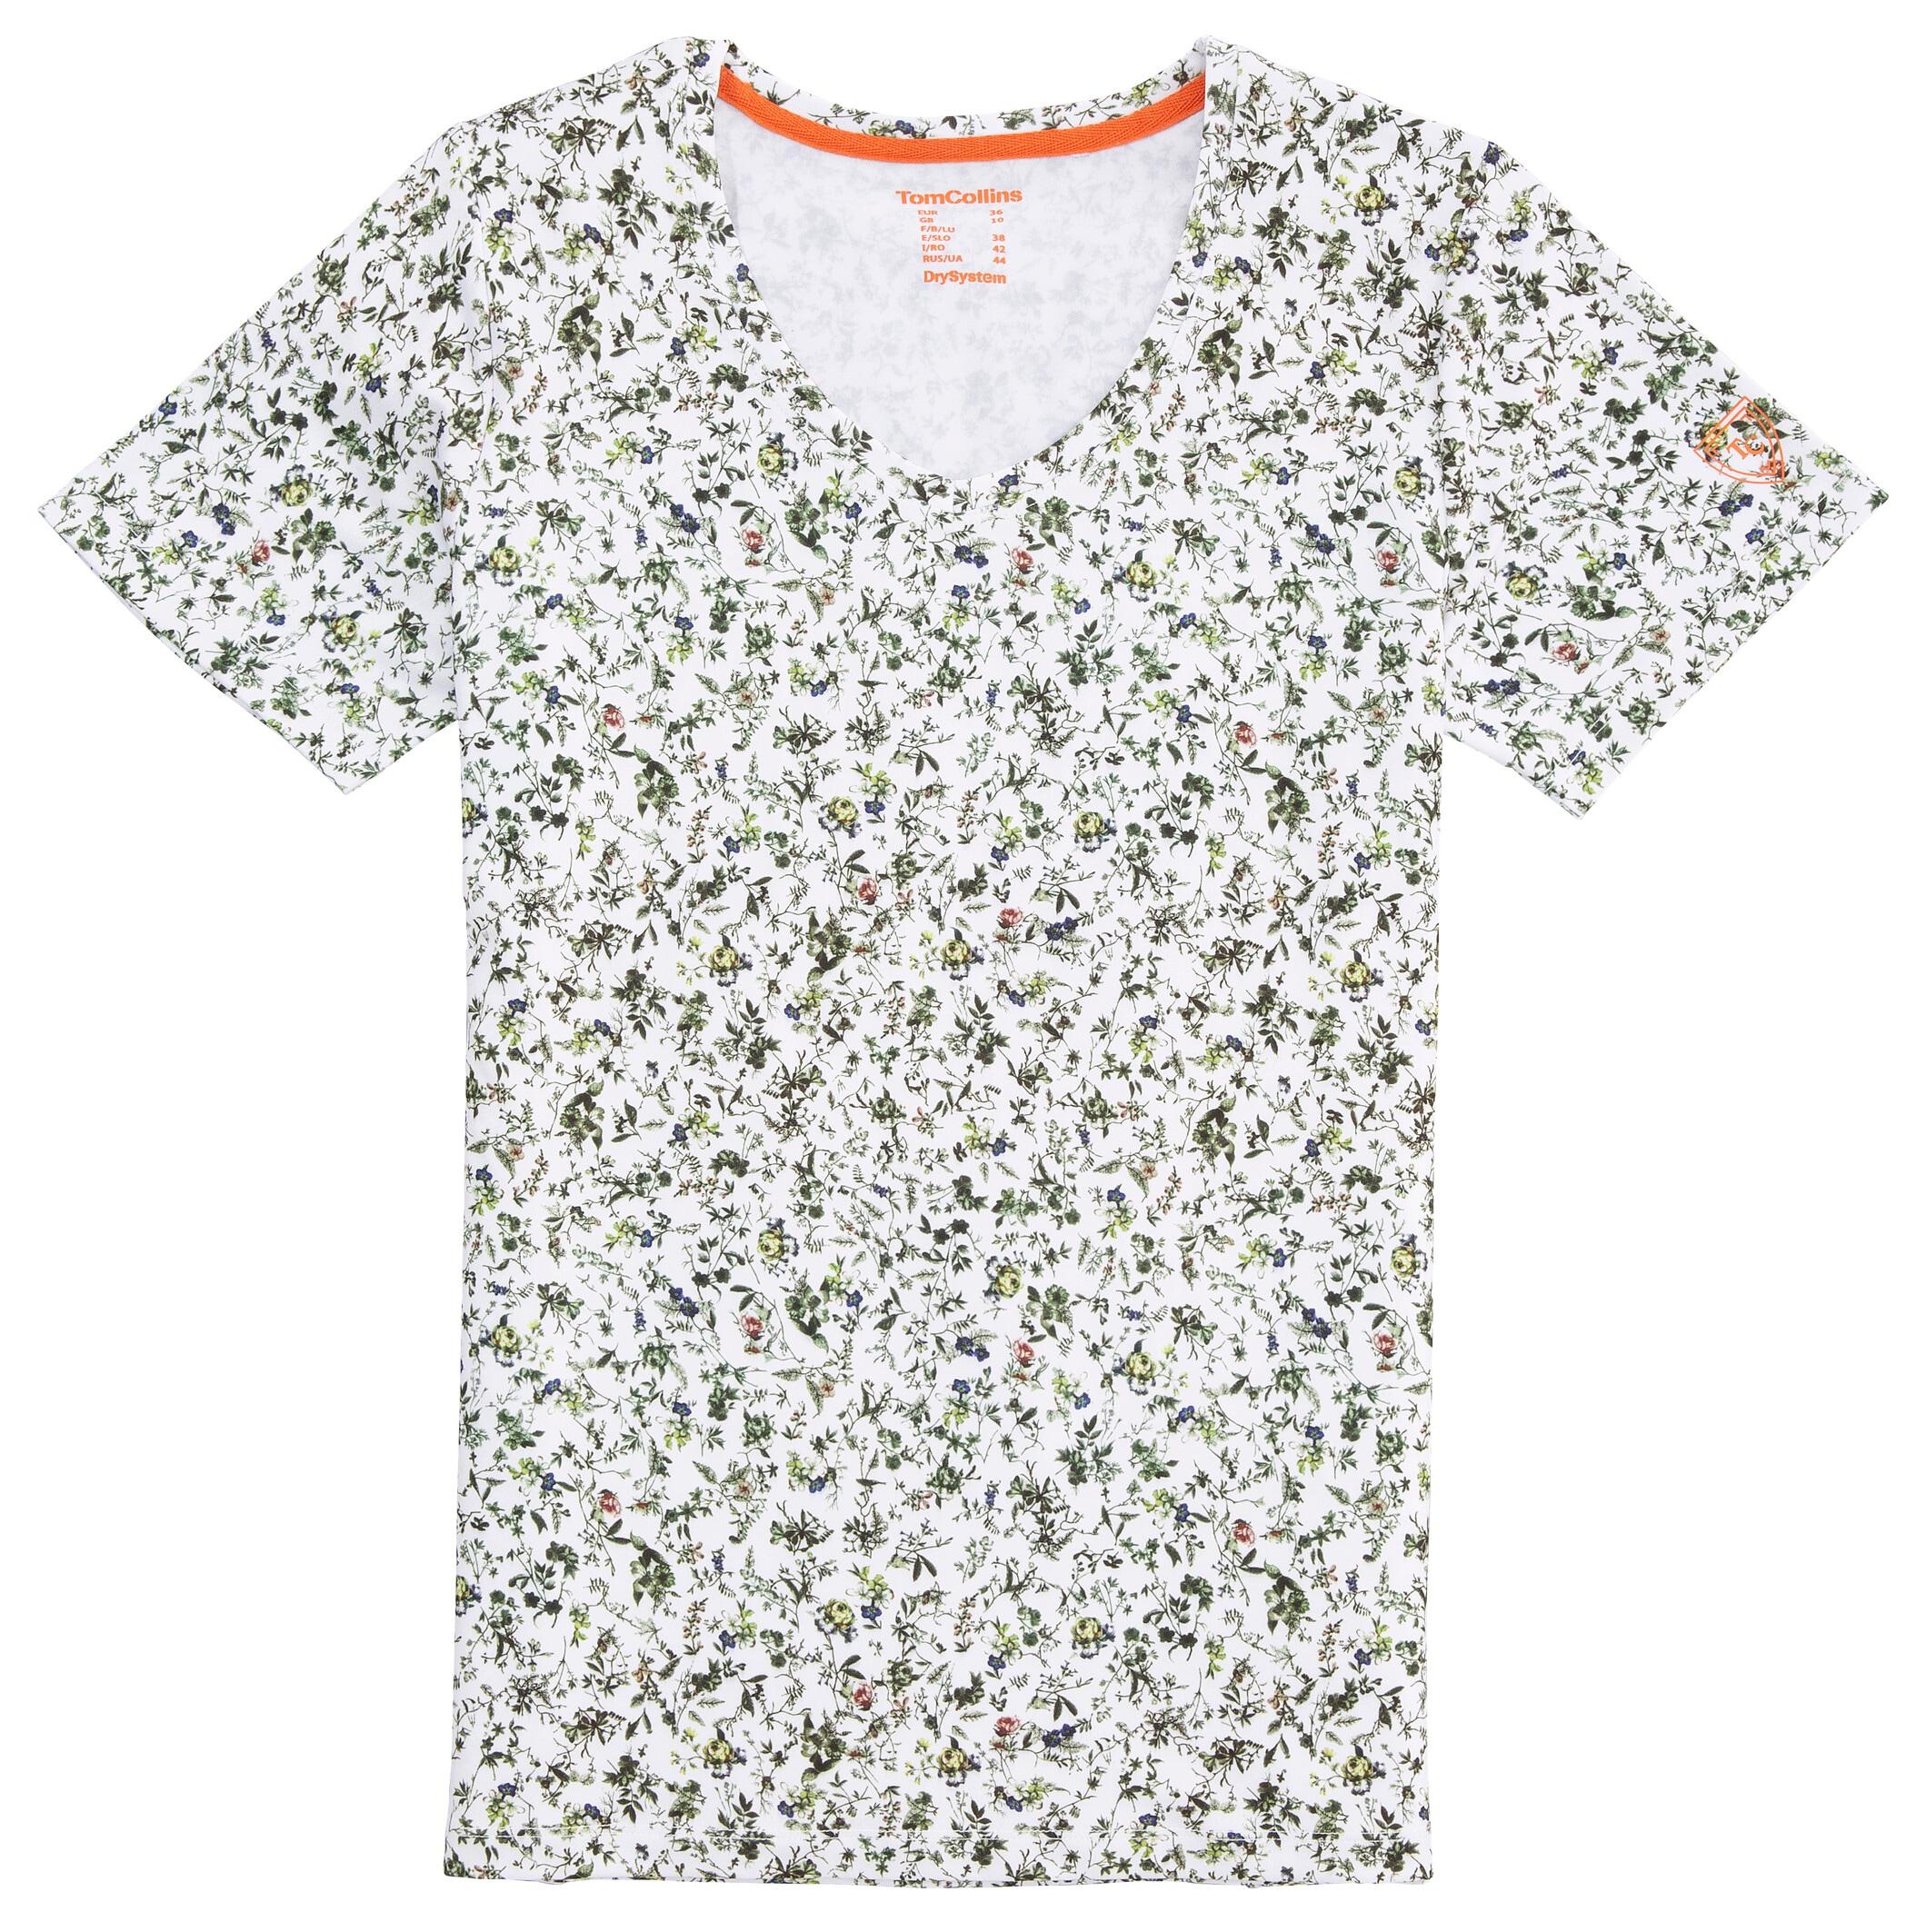 tom collins -  Trachtenshirt, Damen, mit floralem Dessin